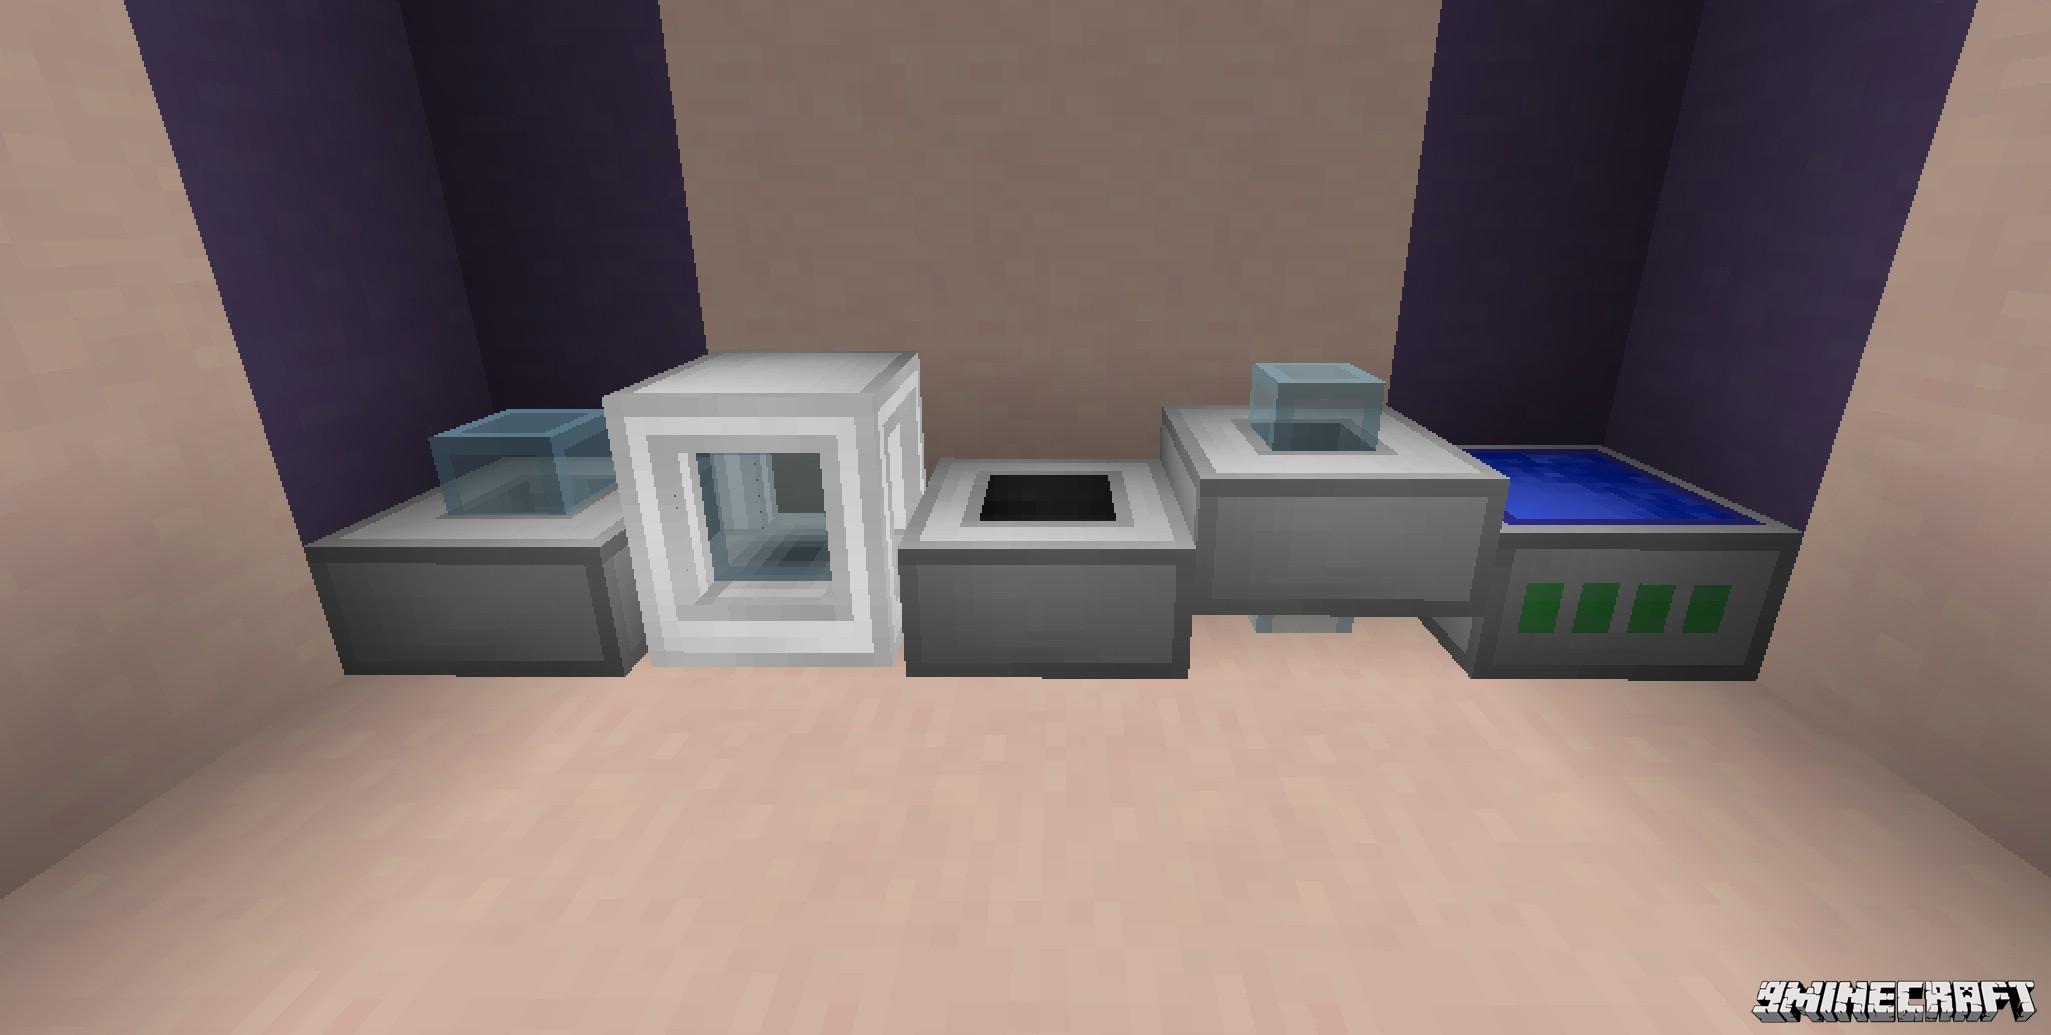 MobSplice-Mod-1.jpg